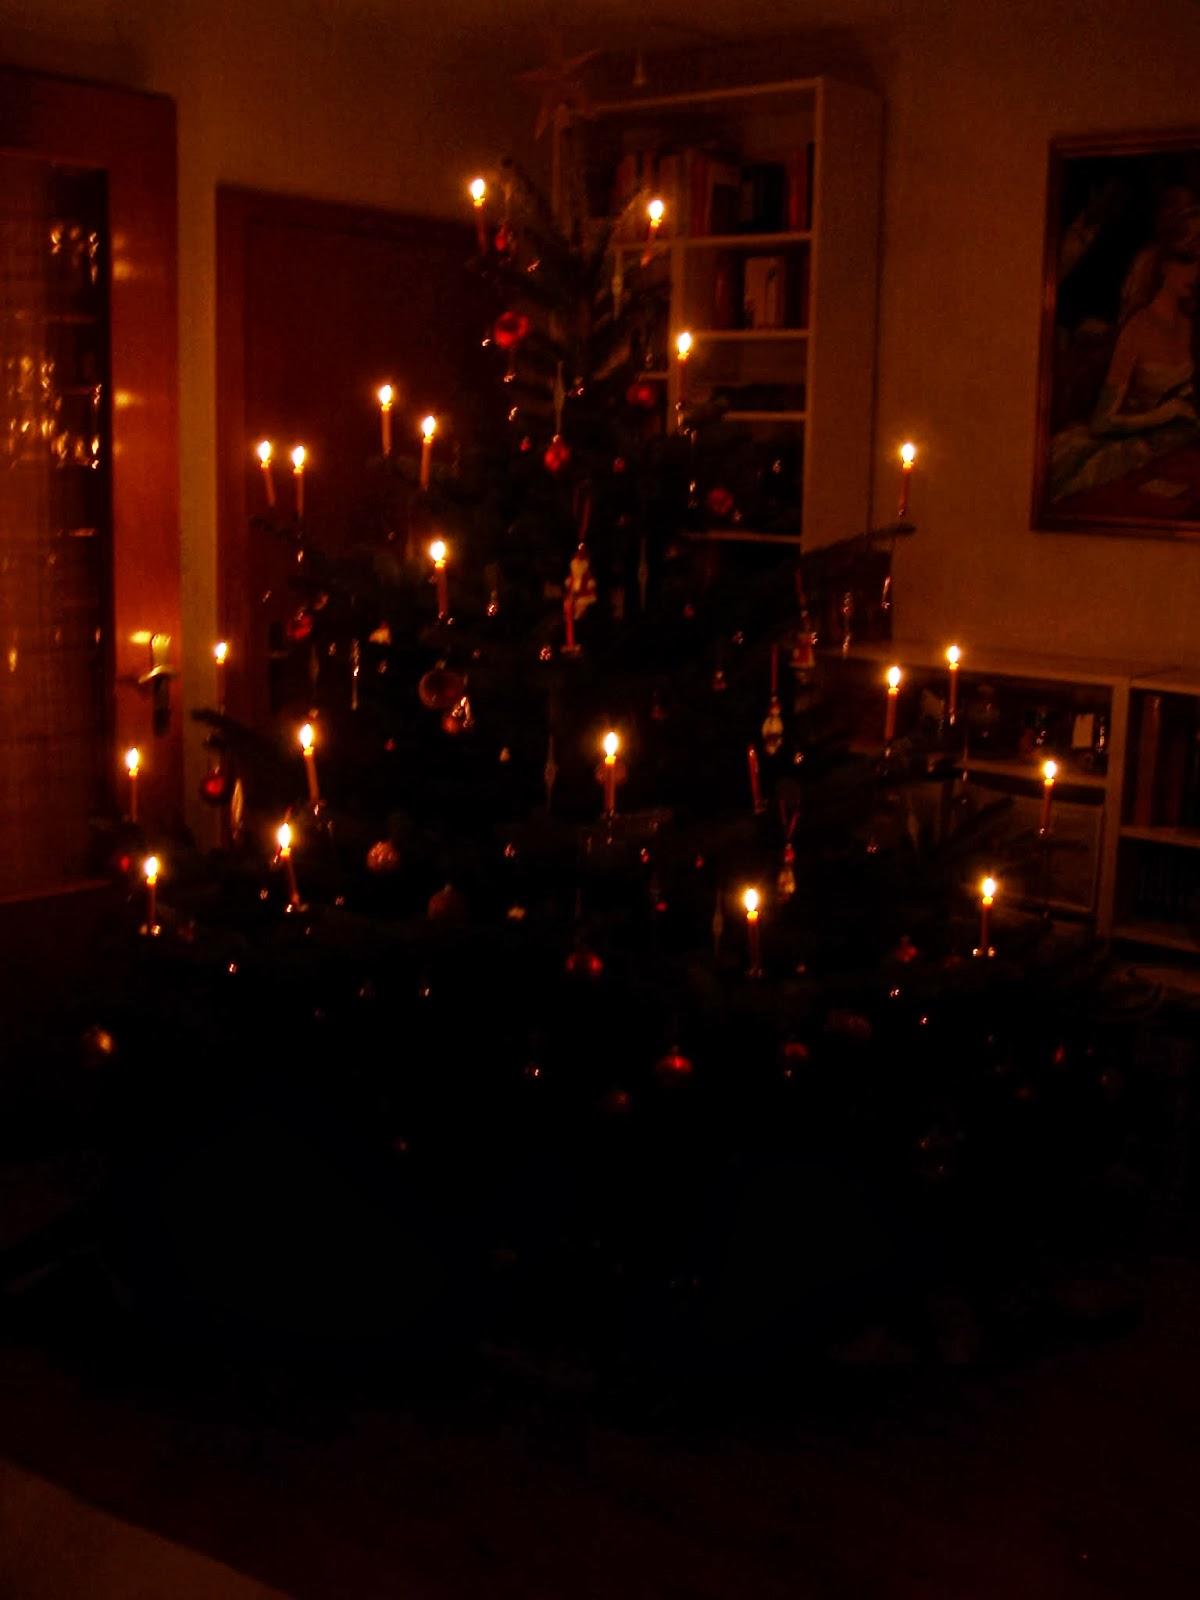 frauschnittchen frohe weihnachten diy geschenke 2013. Black Bedroom Furniture Sets. Home Design Ideas